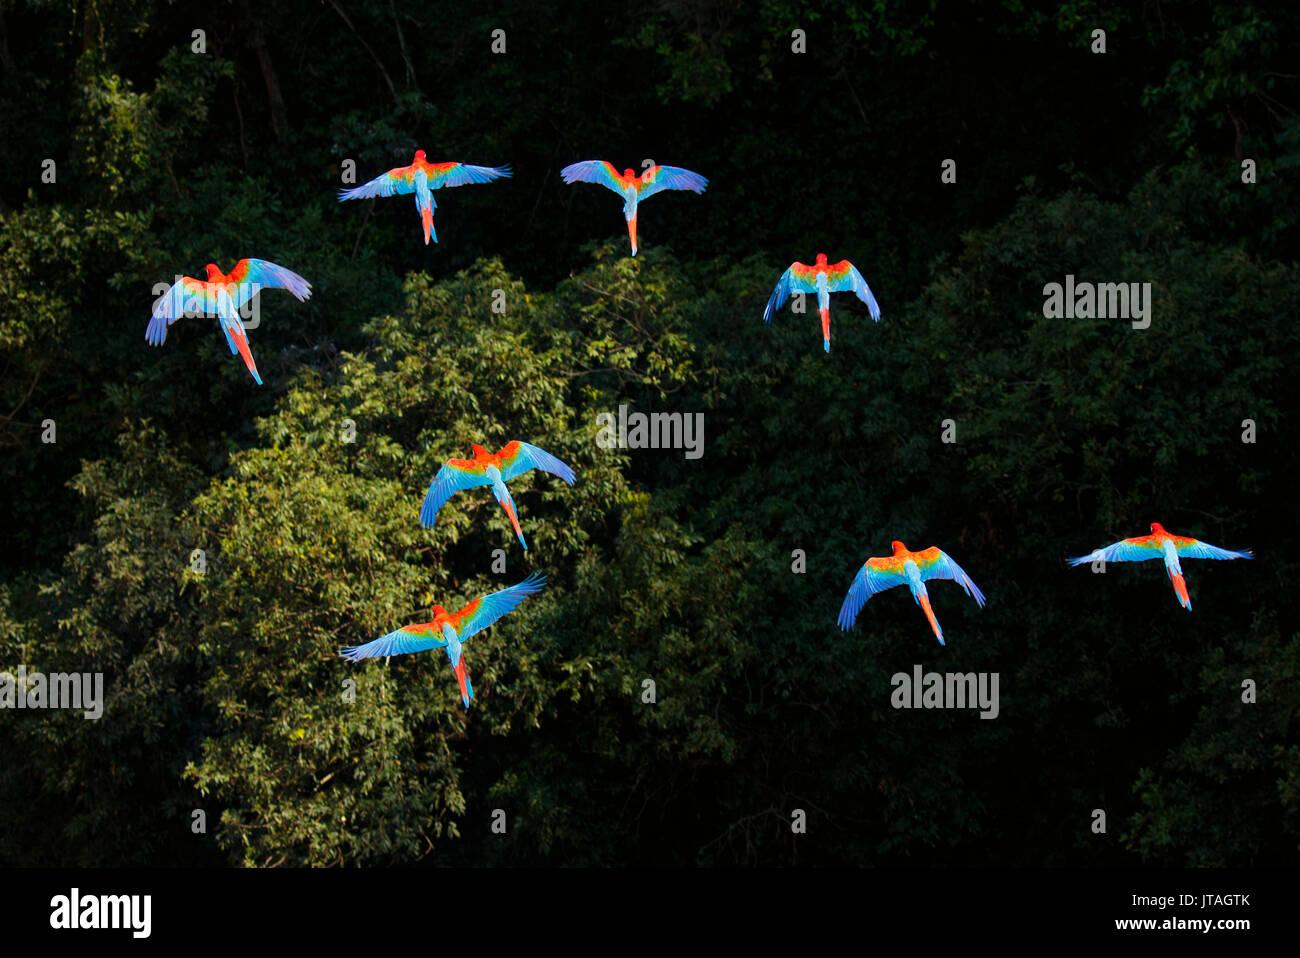 Rote und Grüne Aras oder Green-winged Aras (Ara chloropterus) im Flug über Vordach, Mato Grosso do Sul, Brasilien, Südamerika Stockbild